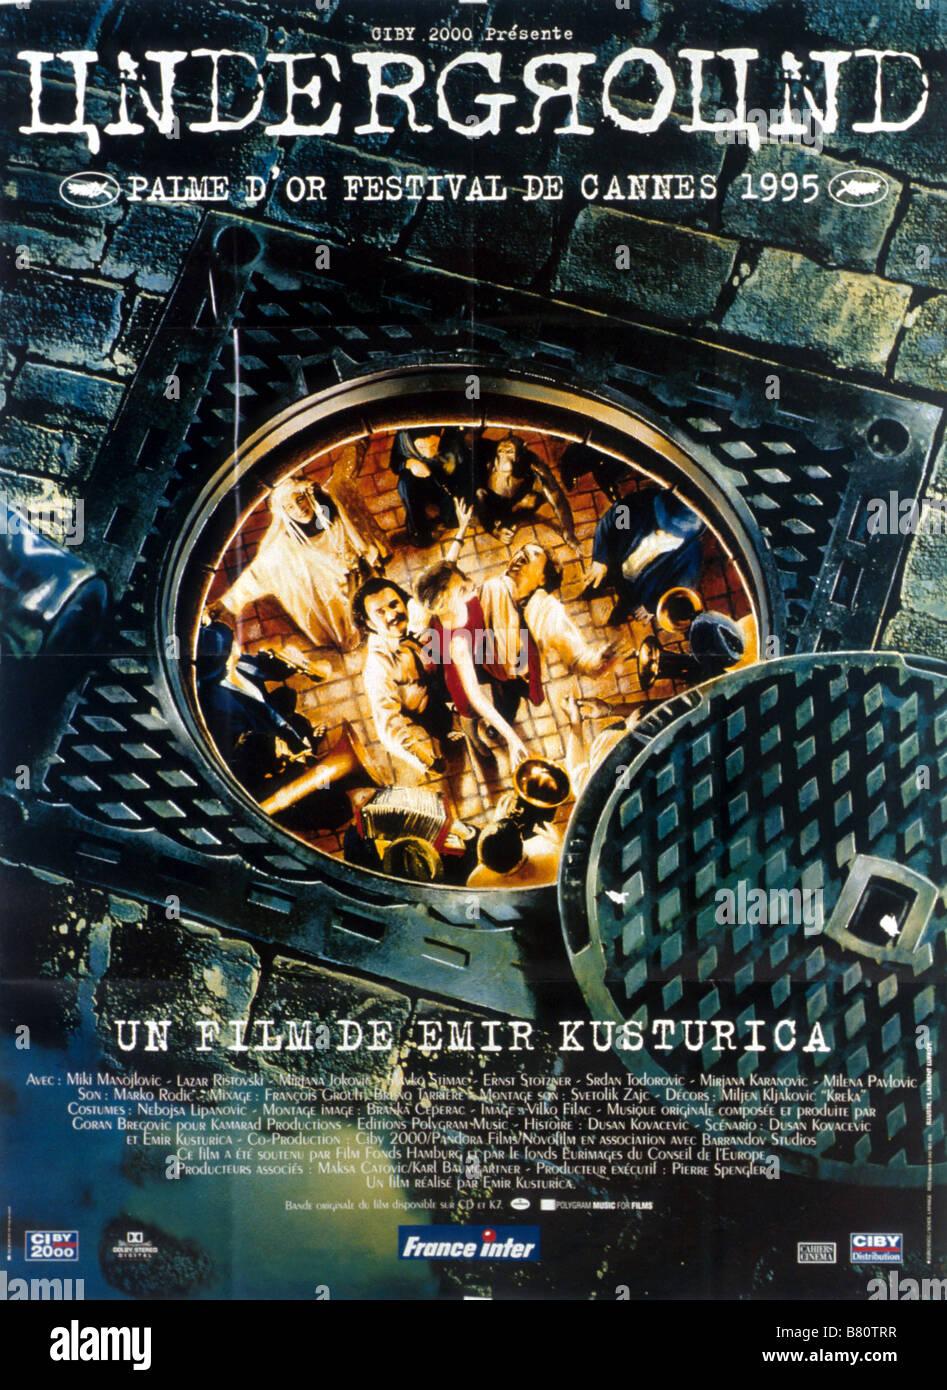 Underground Year: 1995 -  Yugoslavia  Director: Emir Kusturica Movie poster  Golden Palm Cannes 1995 - Stock Image